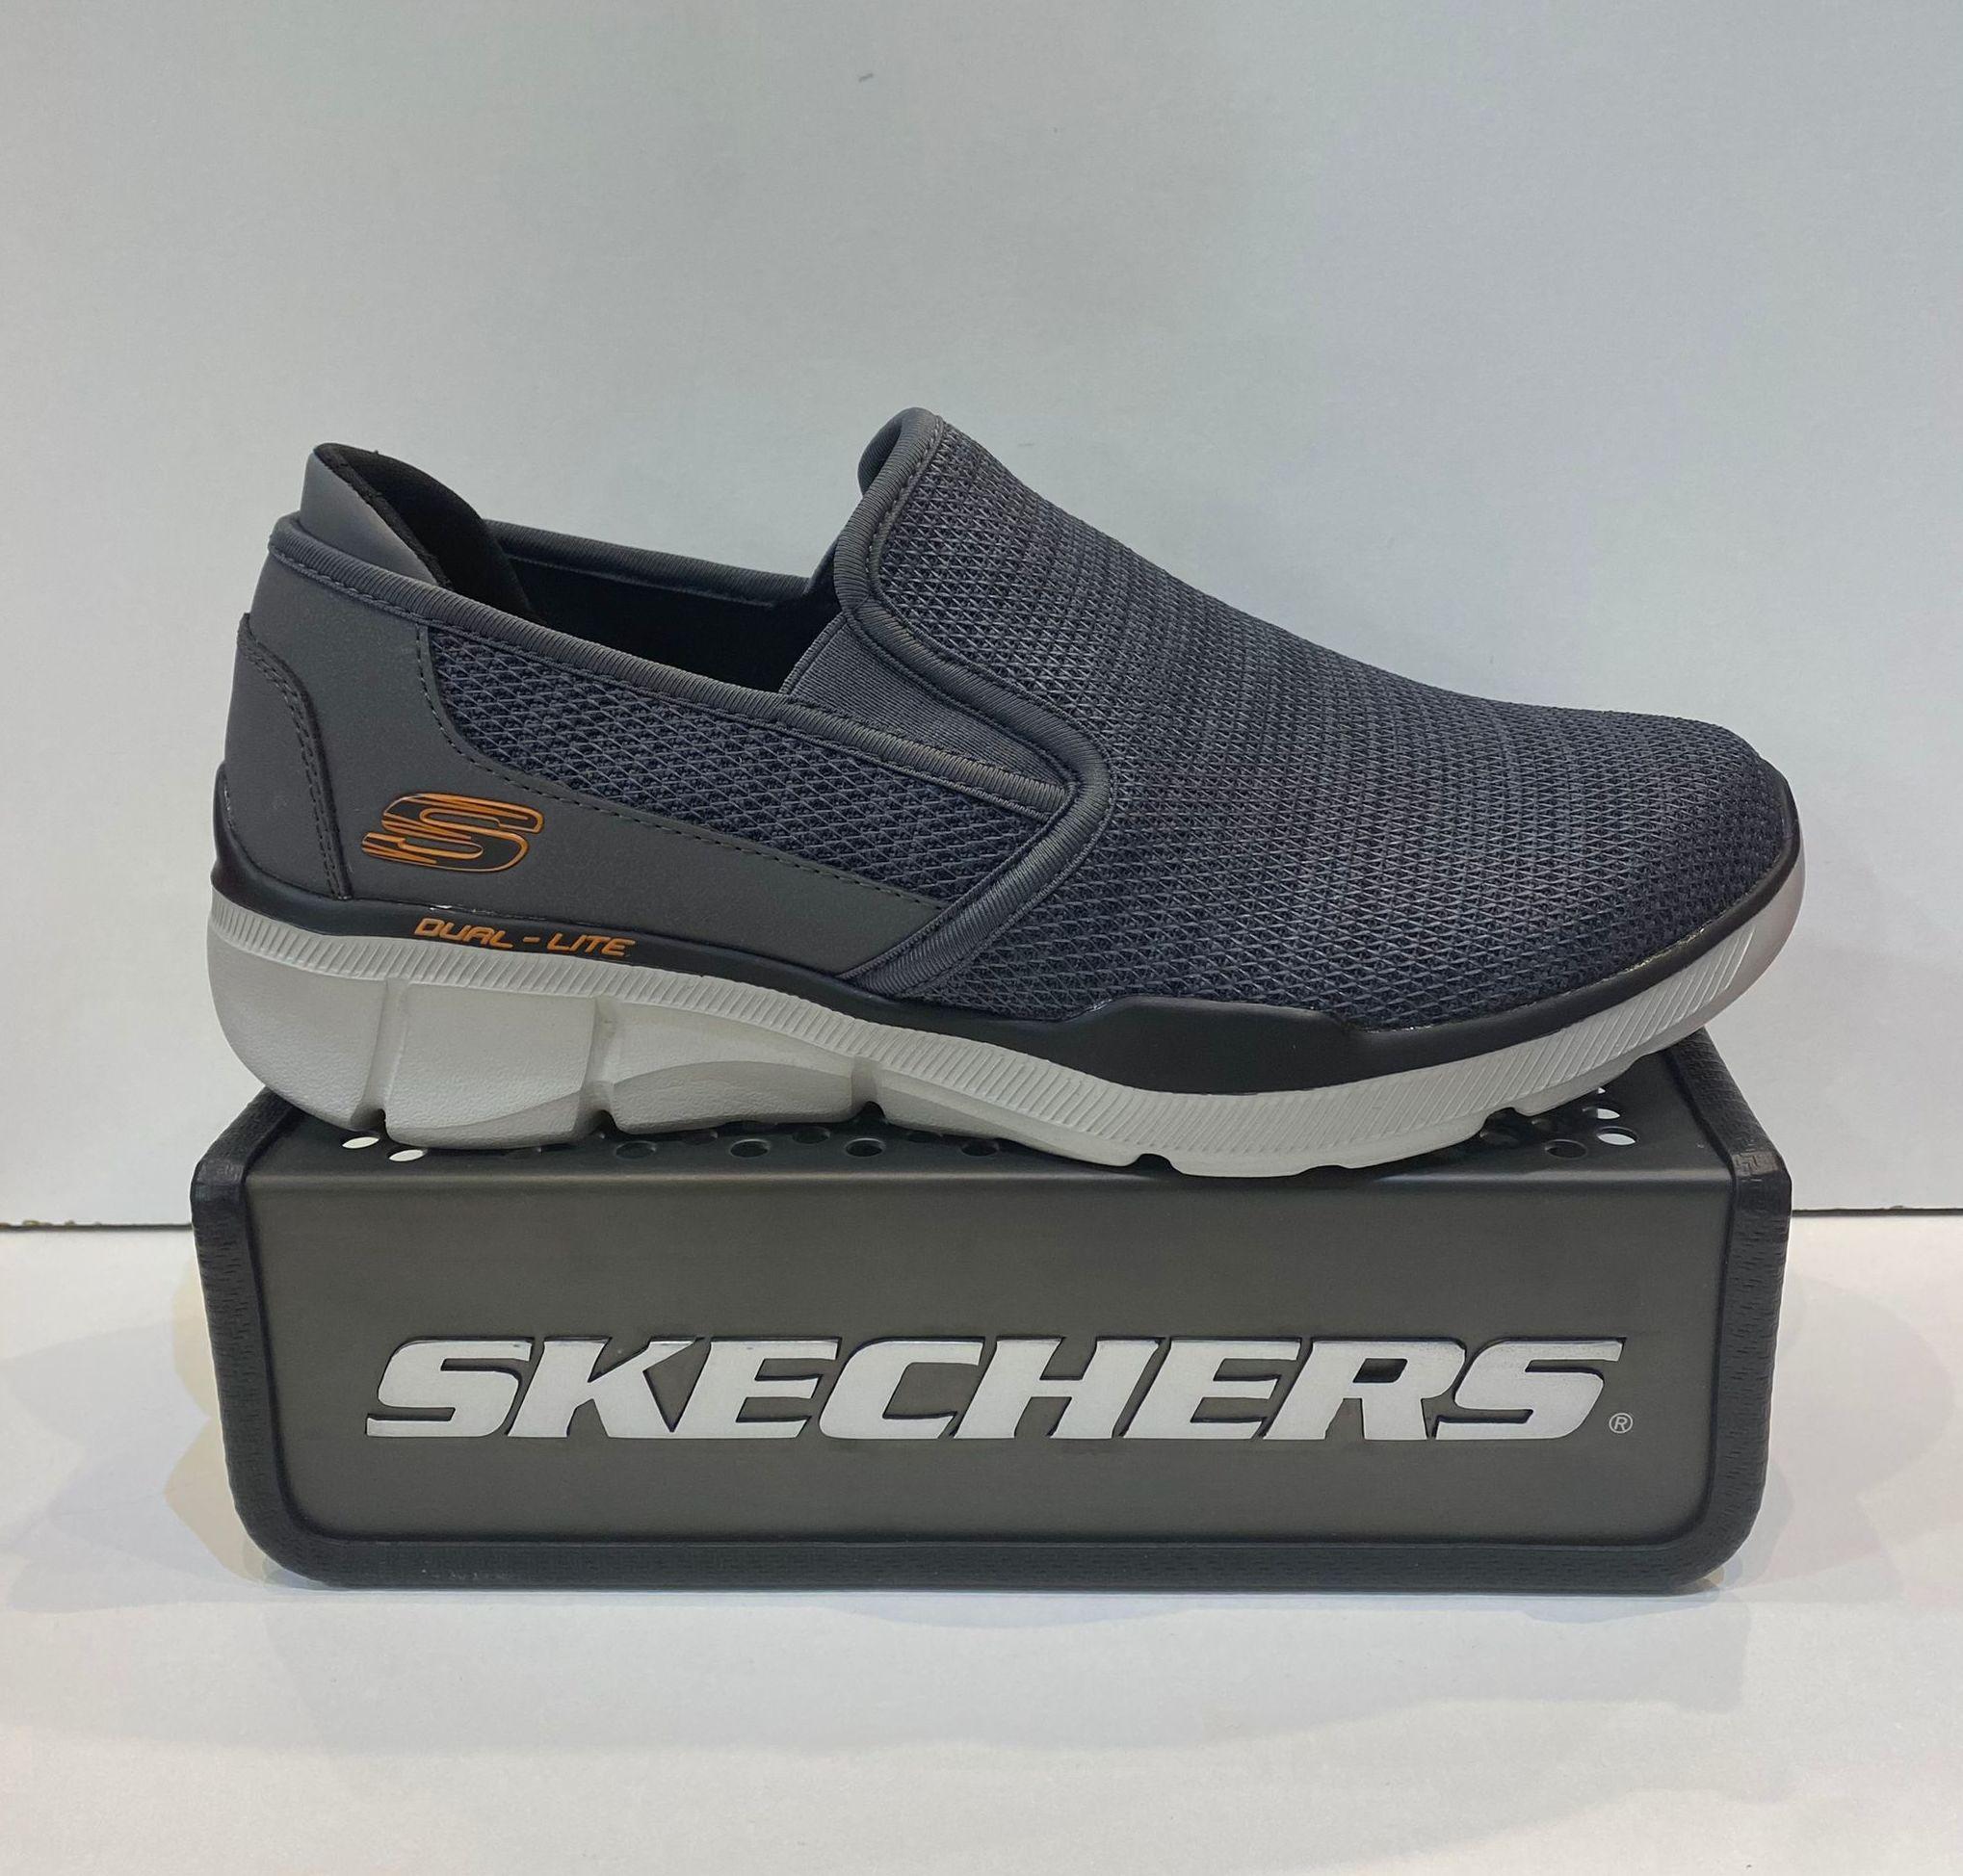 Sabata esportiva d'home, de la marca Skechers Relaxed Fit, amb plantilla Air Cooled memory foam, sola Dual-lite 59.95€